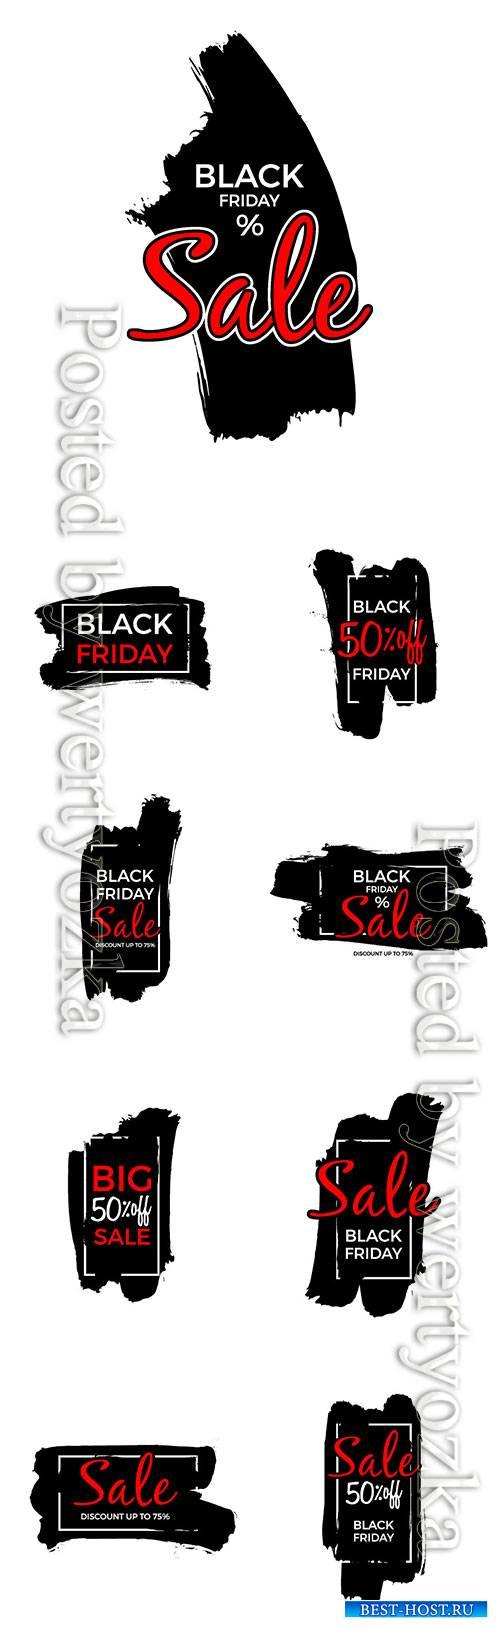 Black friday sale vector poster or label design